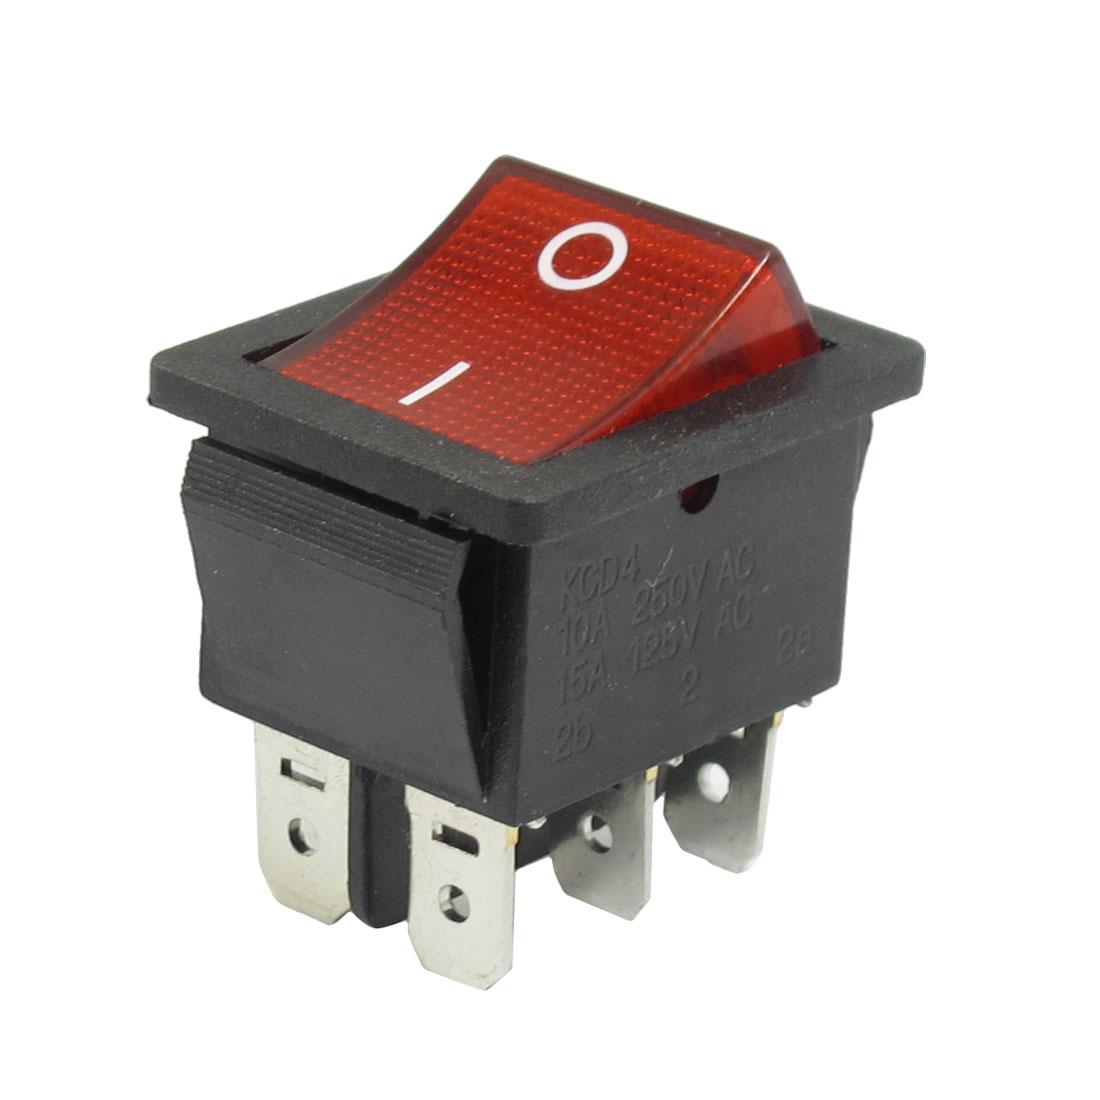 AC 250V/10A 125V/15A 6 Pins DPDT On/Off Rocker Switch w Light